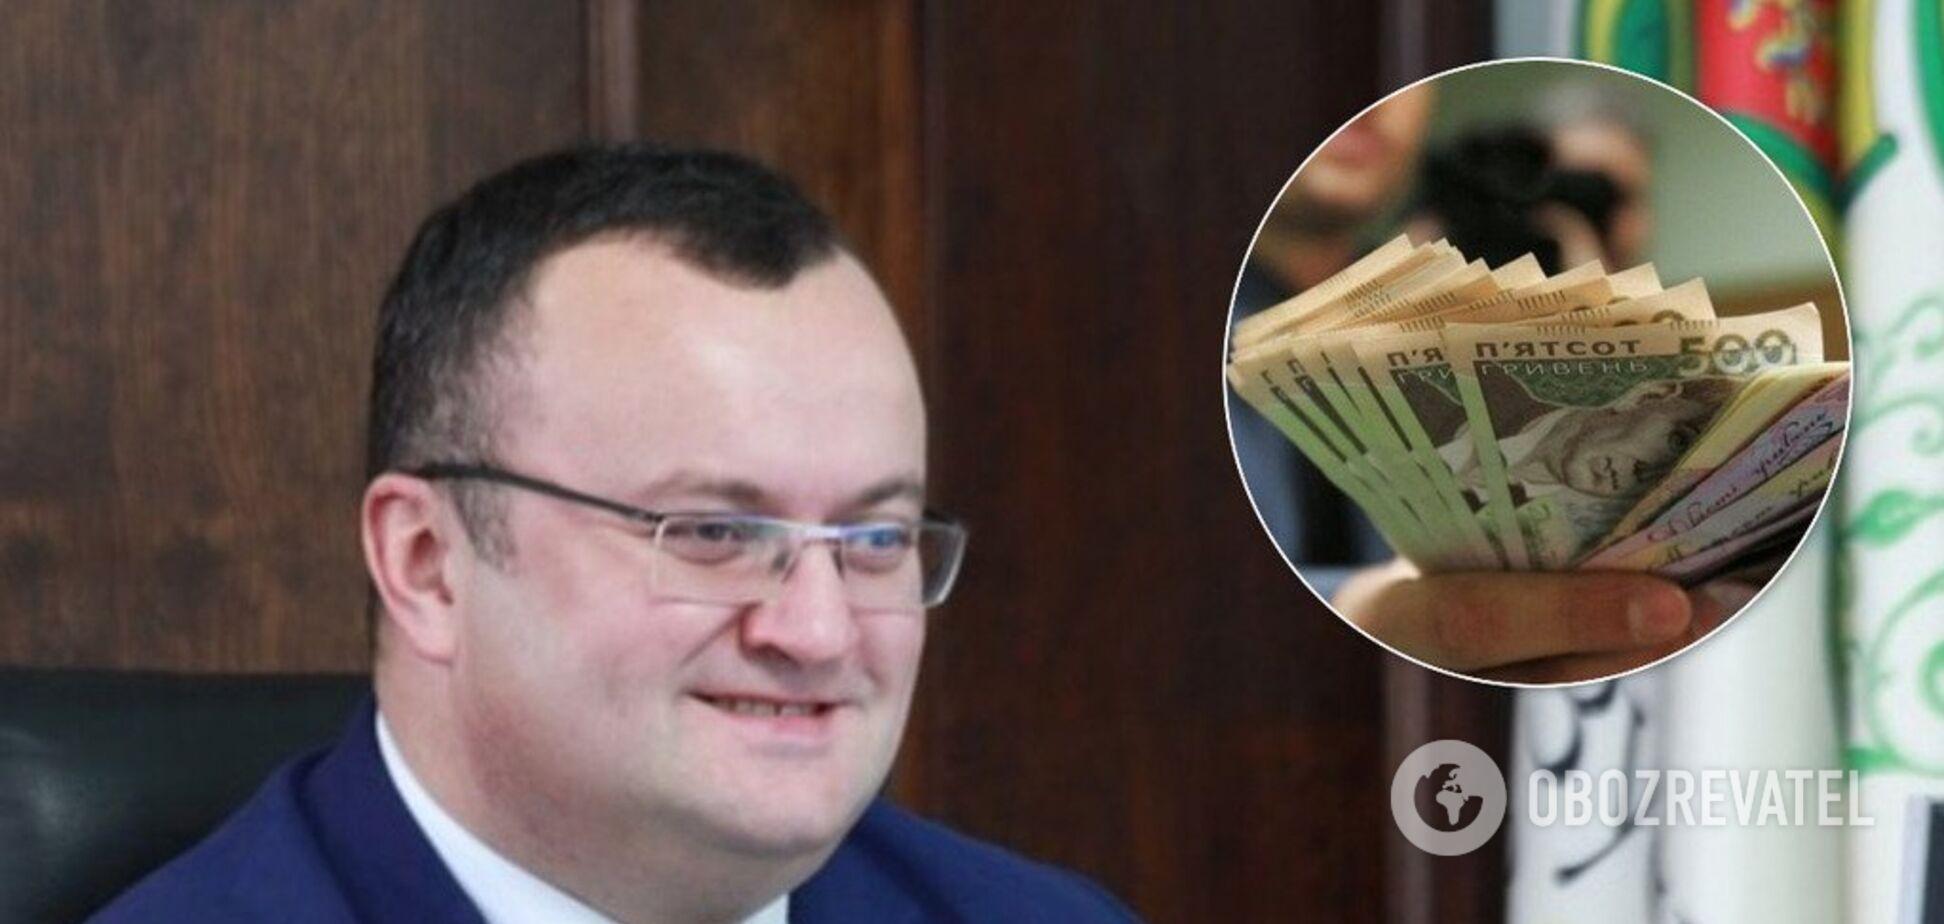 Мэр Черновцов отсудил 264 тыс. компенсации за незаконную отставку